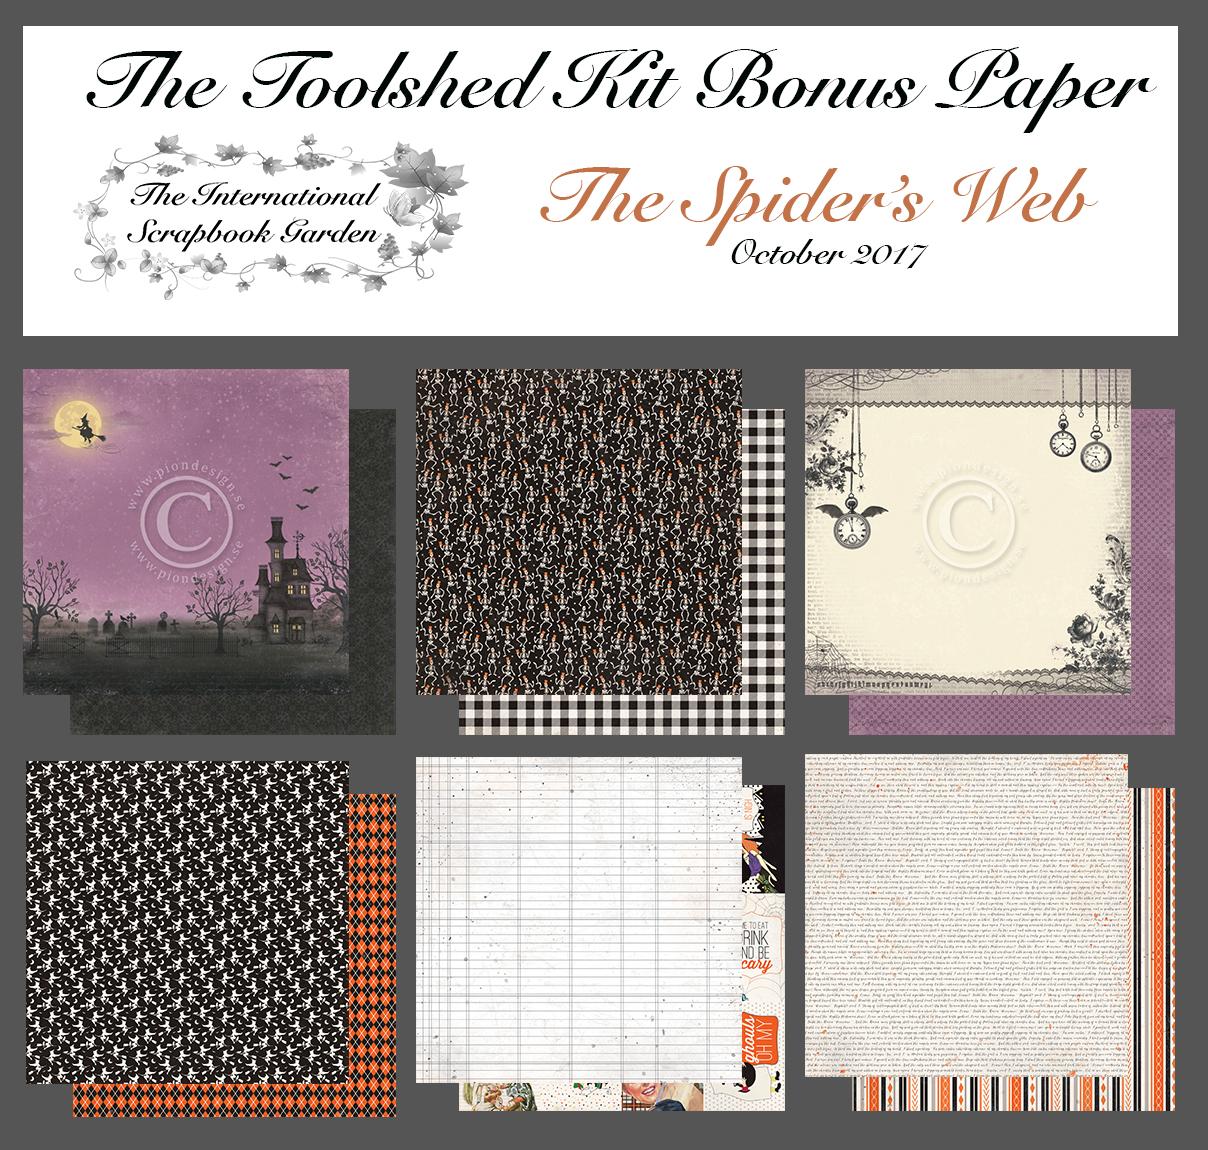 TheSpidersWebBonusPaper.jpg